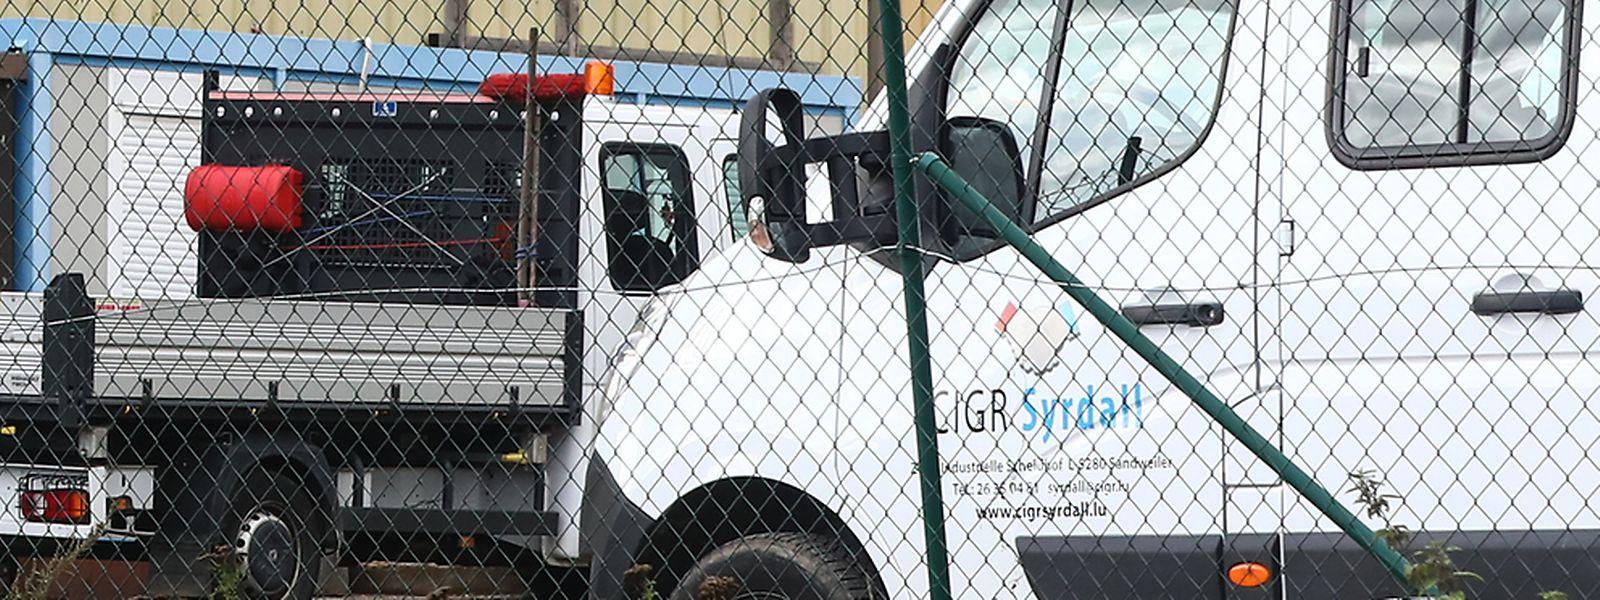 Seit der Klage durch die Gemeinde Contern kommen immer mehr Details über den CIGR Syrdall ans Licht.